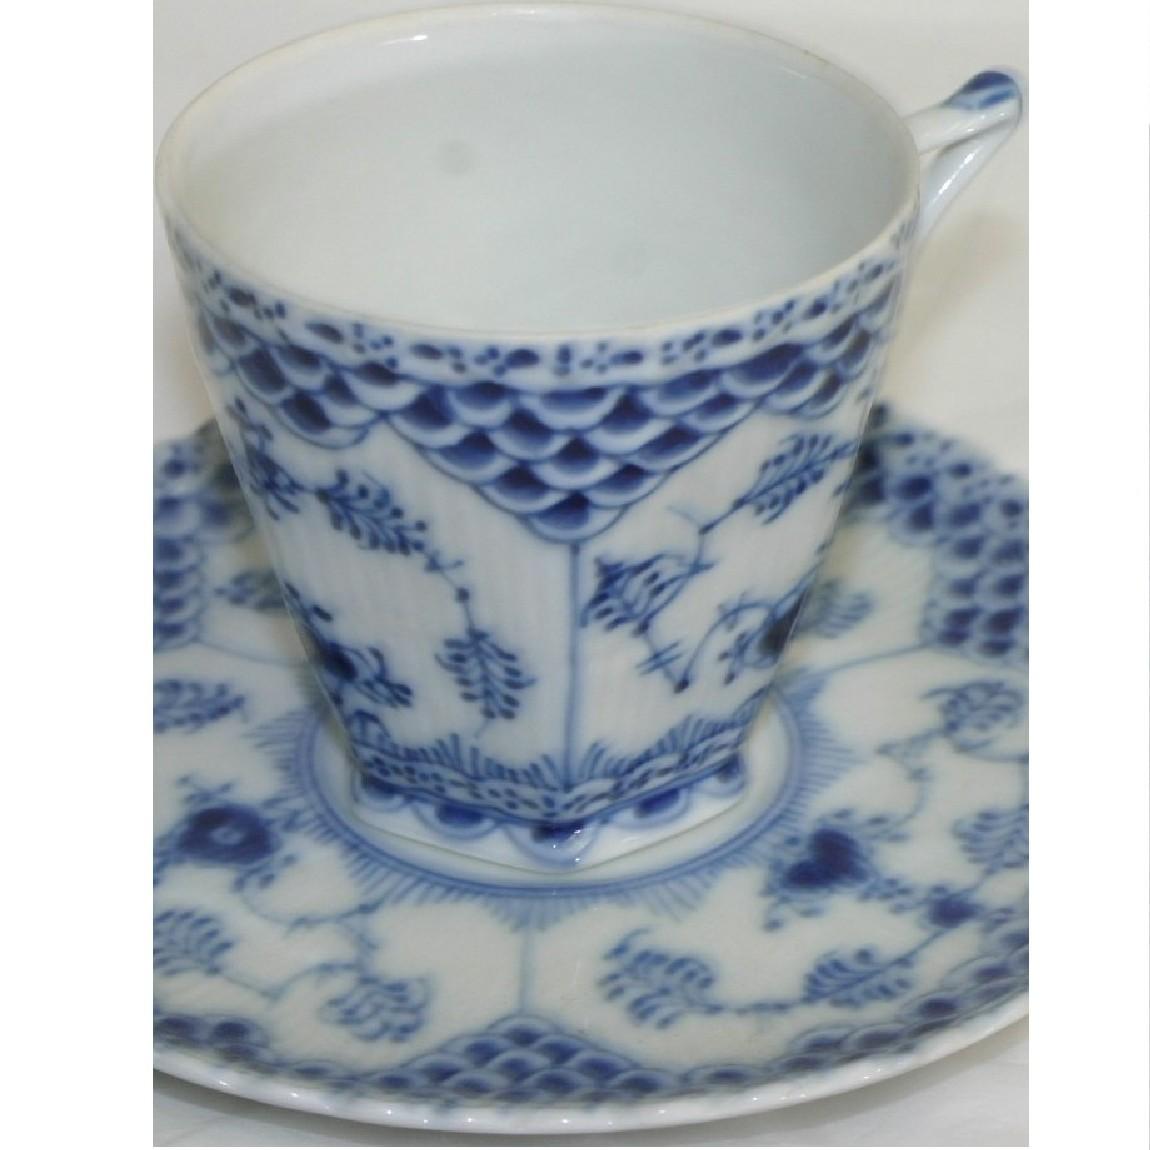 【中古】本物綺麗ロイヤルコペンハーゲンのコーヒーカップ&ソーサー飾ってましたが美品です, カツヤマチョウ:519ceb93 --- sunward.msk.ru